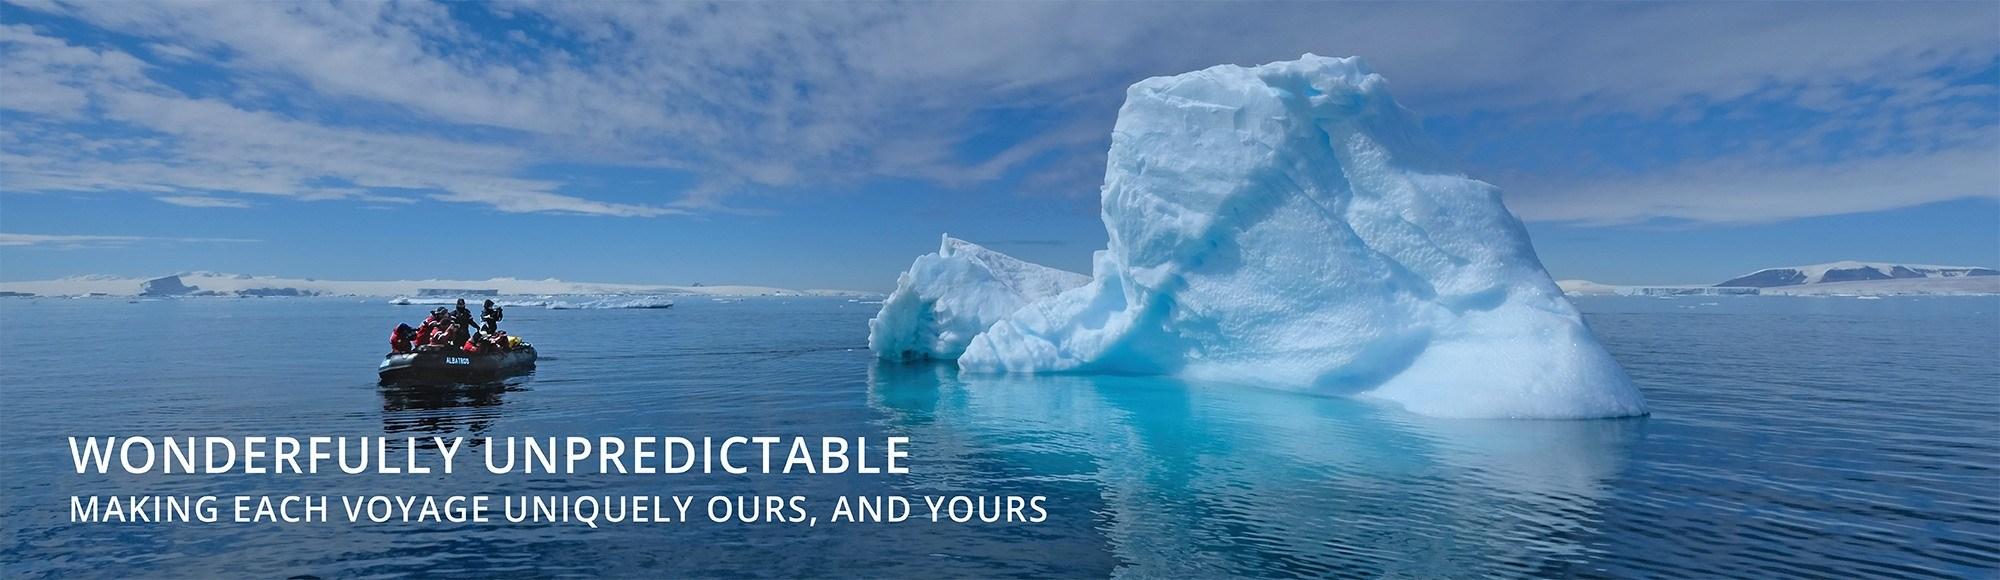 Polar Latitudes Antarctic Cruises